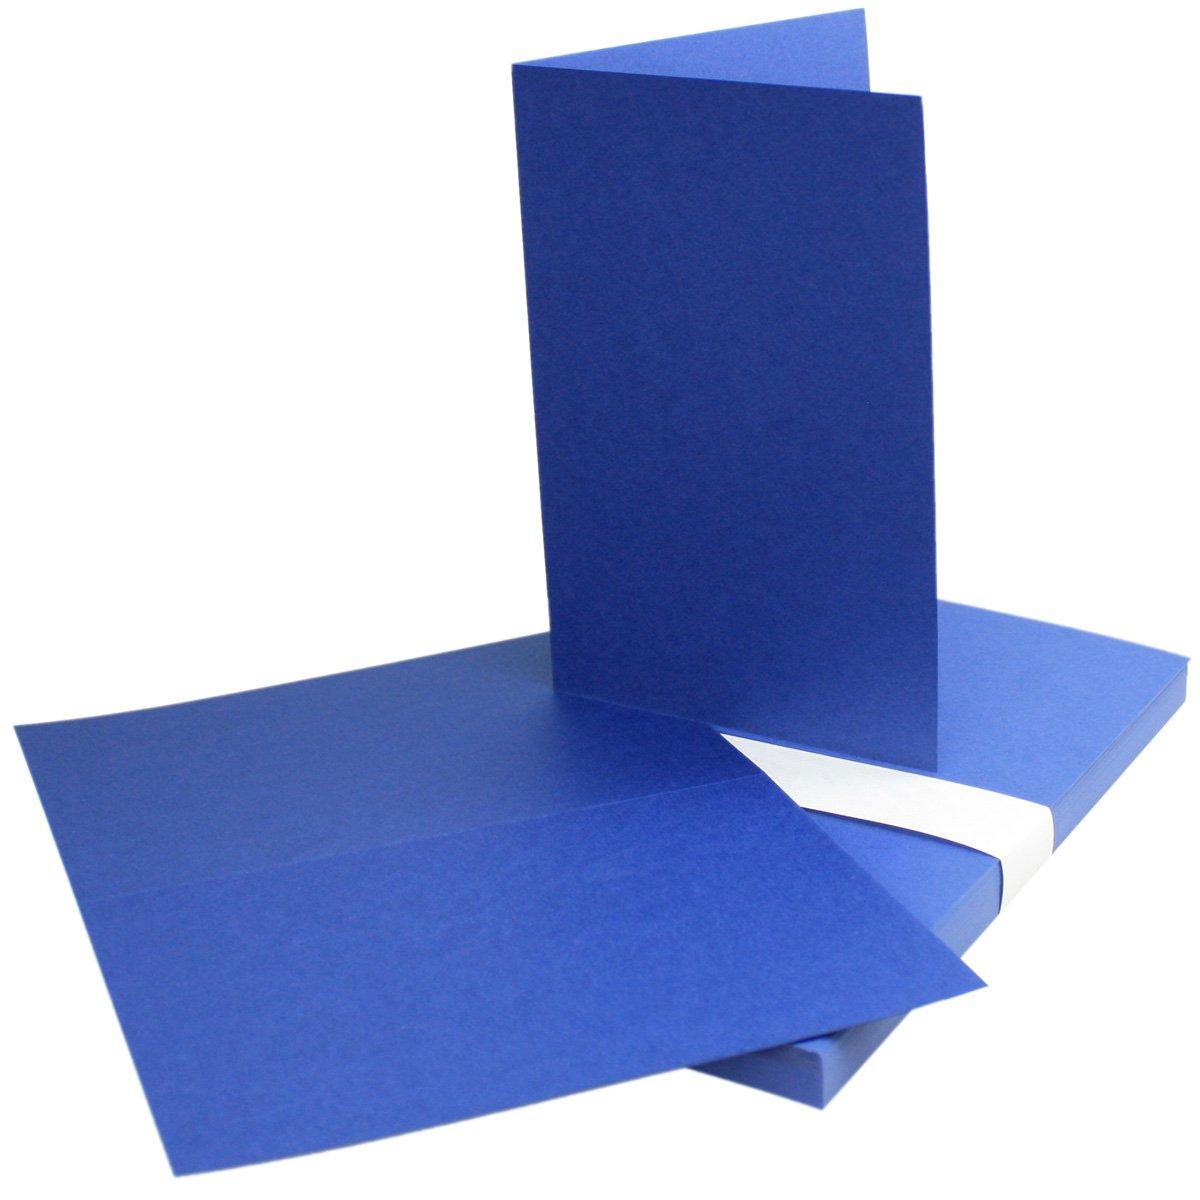 150 Sets - Faltkarten Hellgrau - DIN A5  Umschläge Umschläge Umschläge  Einlegeblätter DIN C5 - PREMIUM QUALITÄT - sehr formstabil - Qualitätsmarke  NEUSER FarbenFroh B07C2XJFDX | Maßstab ist der Grundstein, Qualität ist Säulenbalken, Preis ist Leiter  e287fa